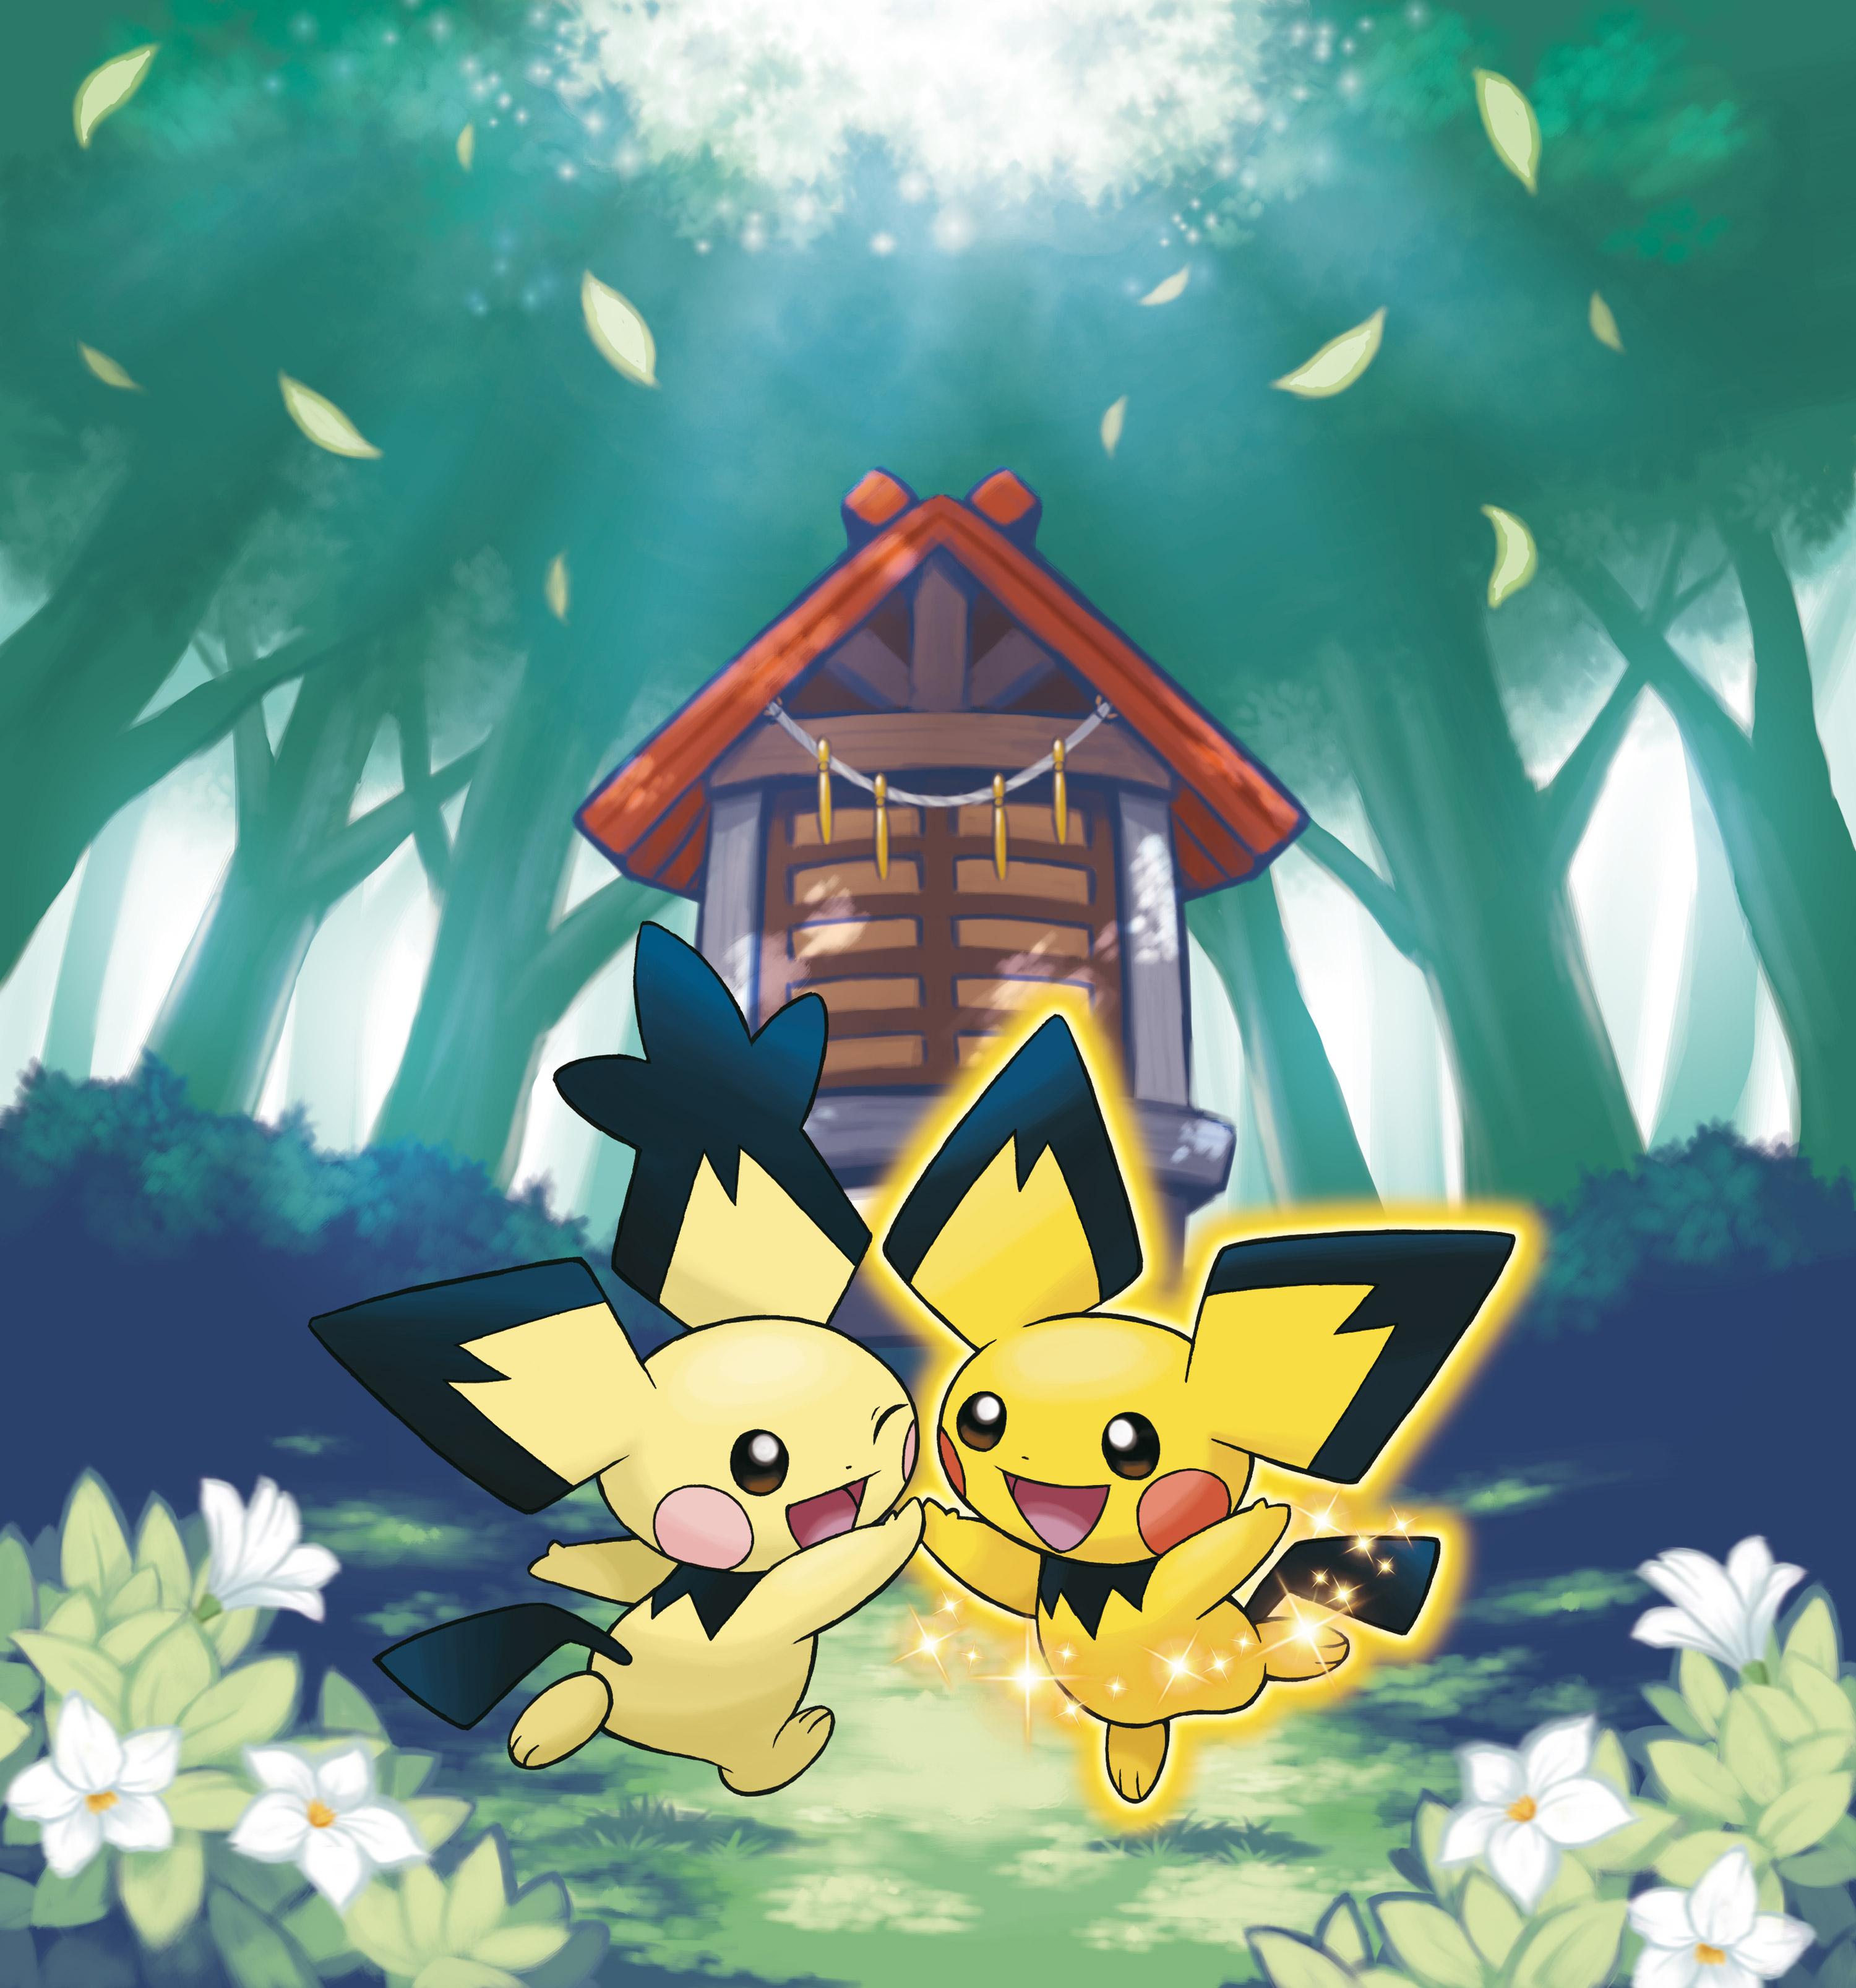 Pokémon Go : préparez-vous à attraper les 80 nouveaux Pokémon en téléchargeant l'APK